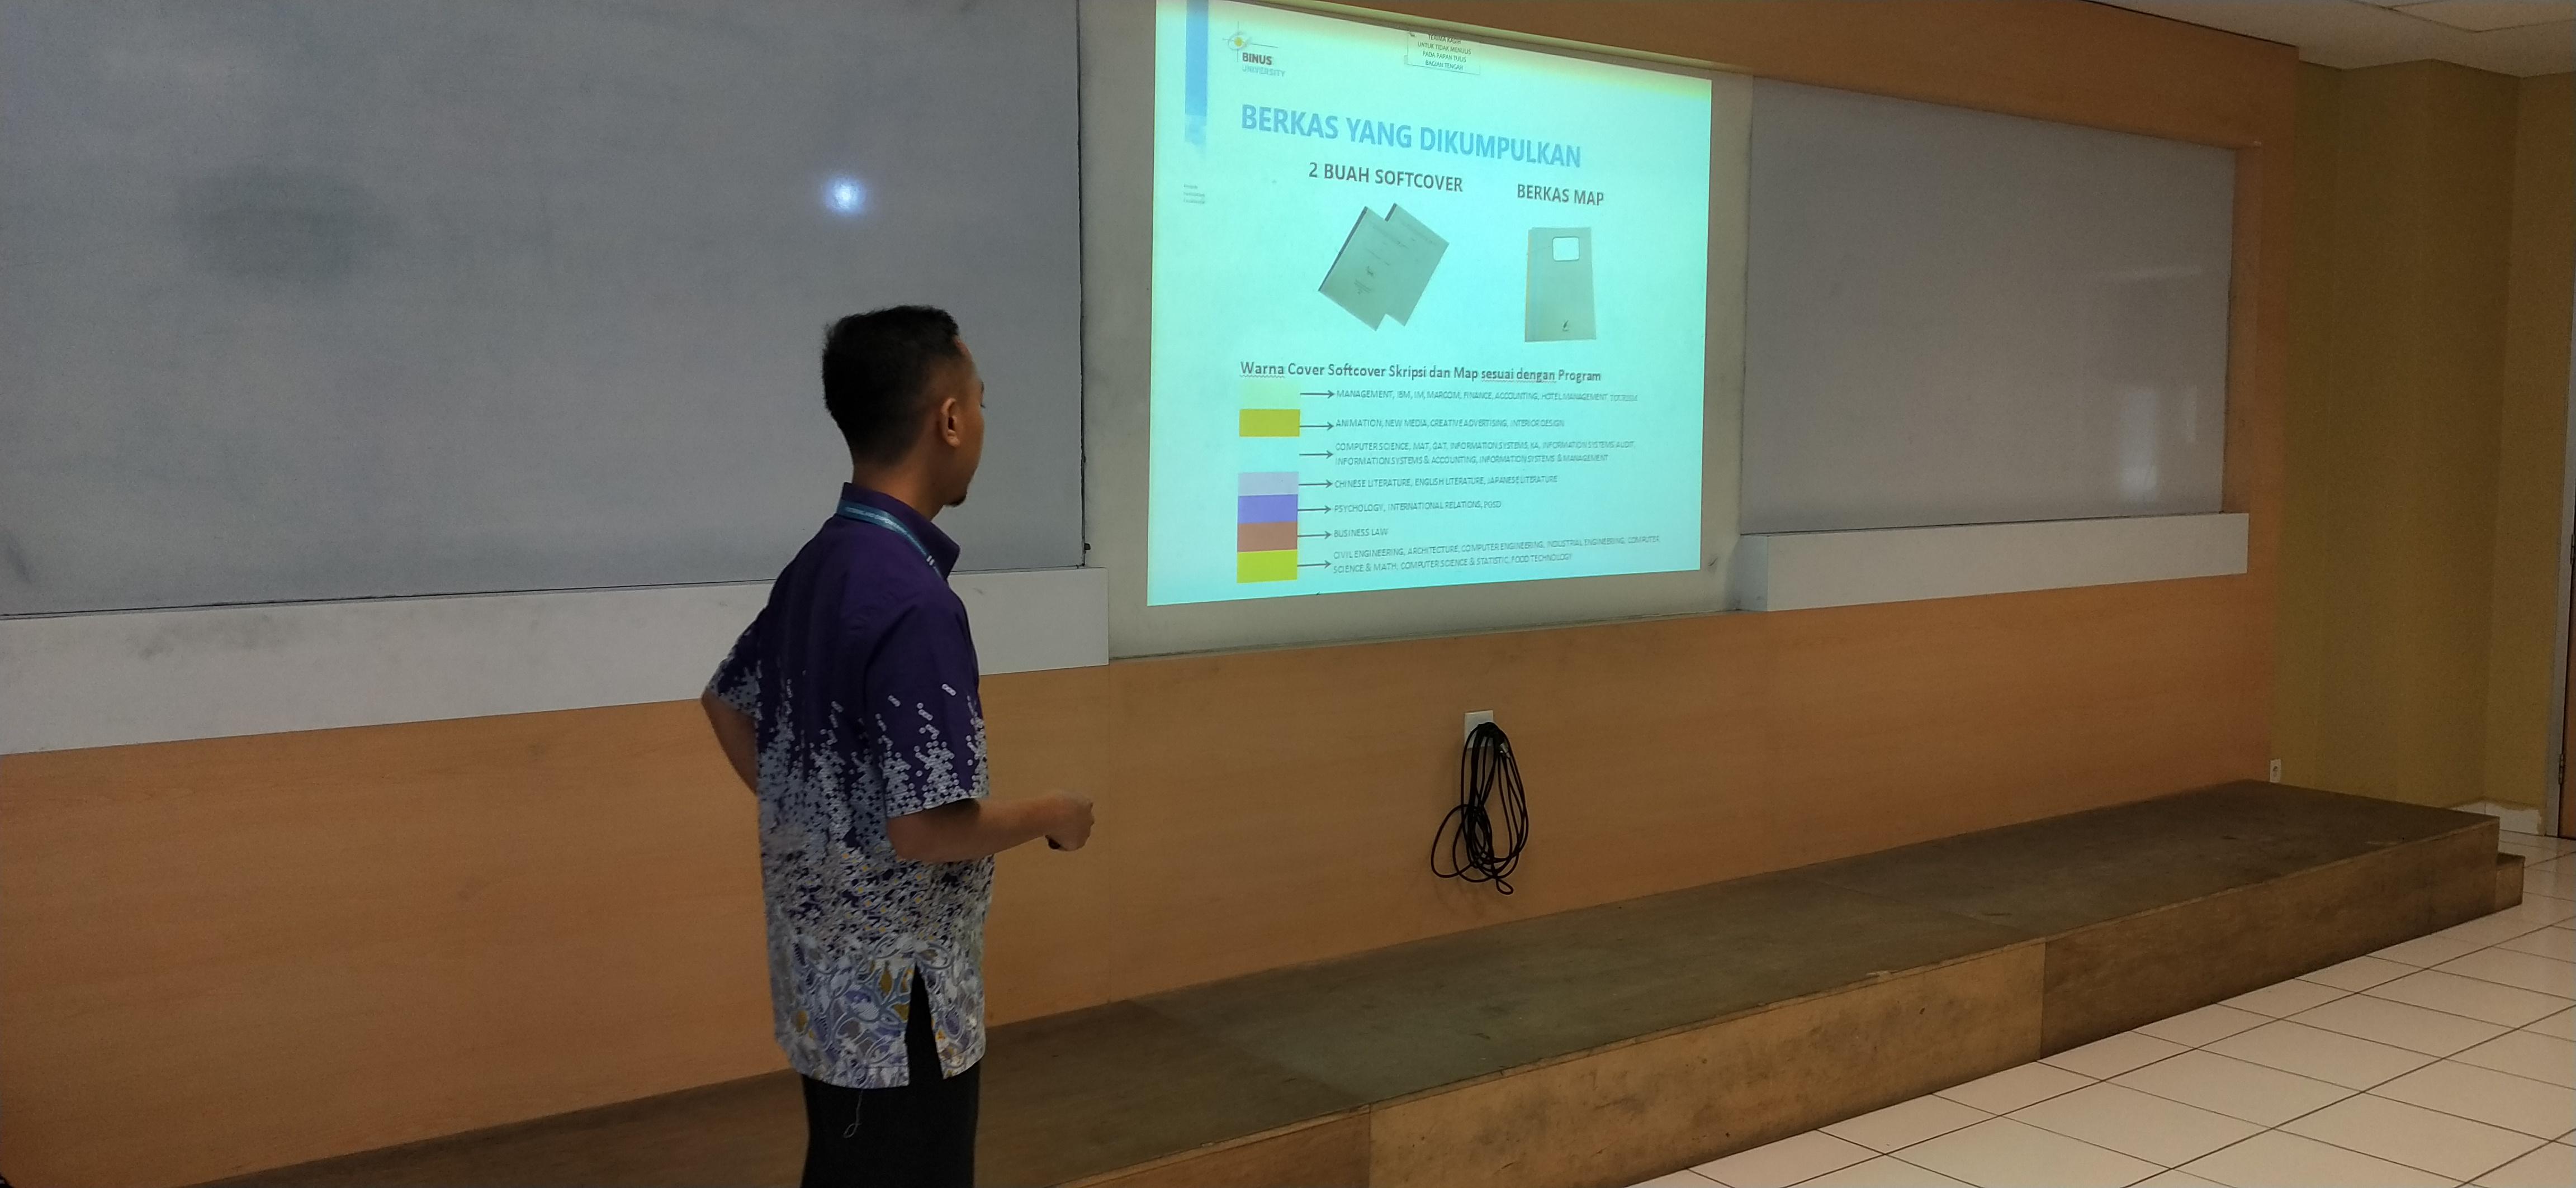 Briefing Pengumpulan Soft Cover Skripsi Periode Semester Ganjil 2019 2020 1 Gallery Binus University